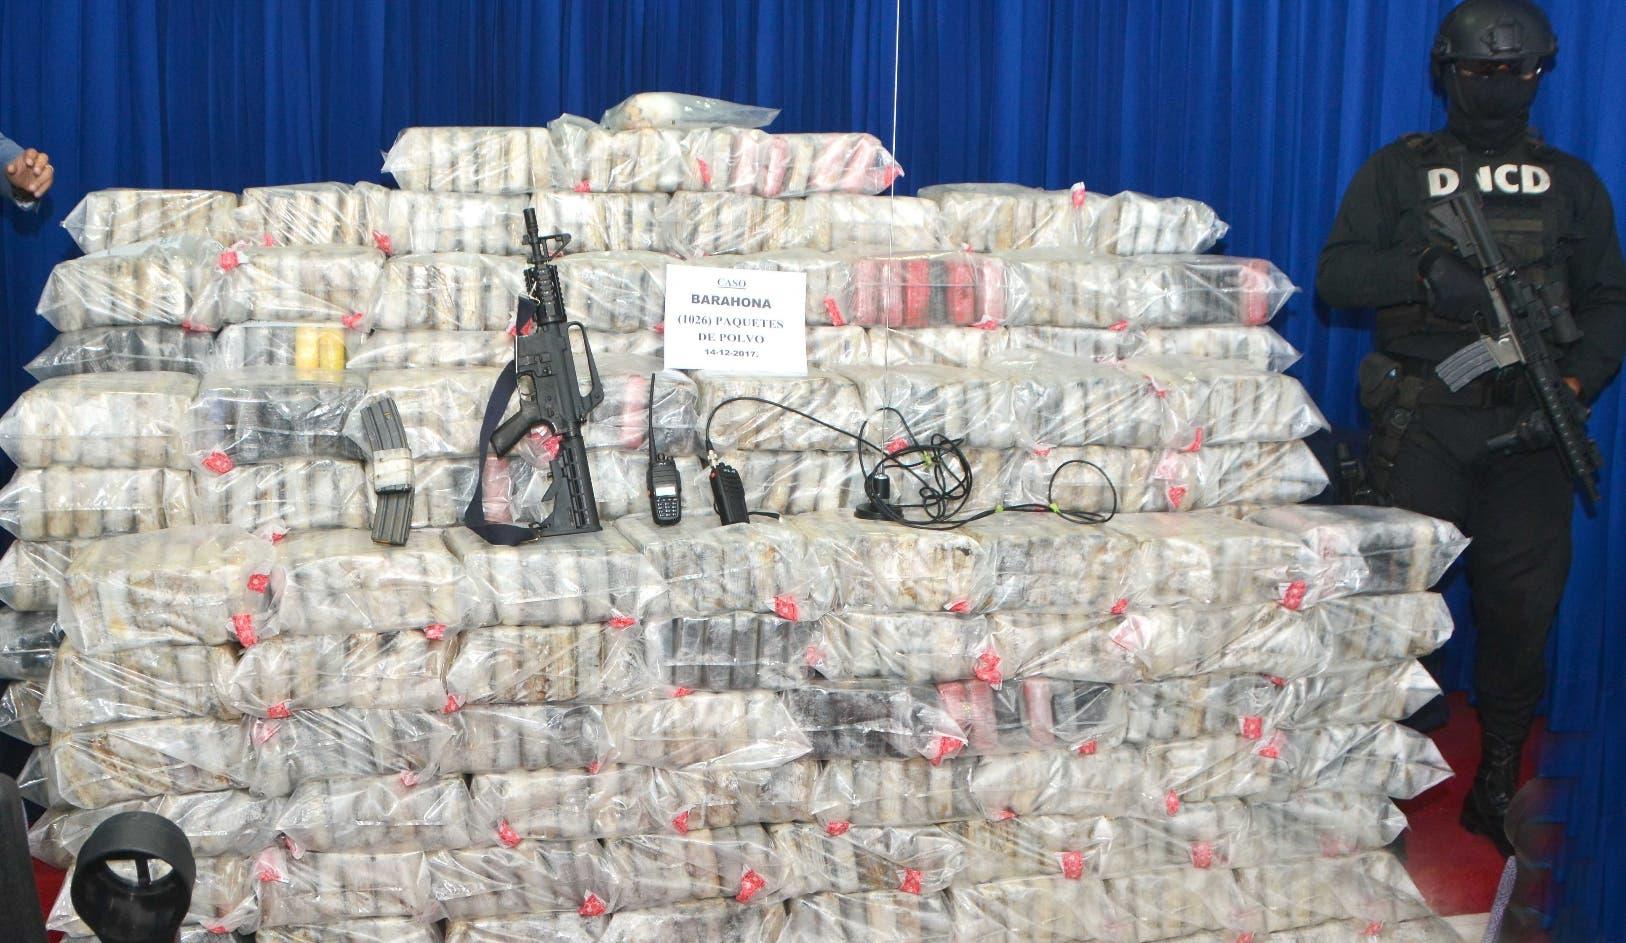 Тонна кокаина была обнаружена в Республике Доминикана